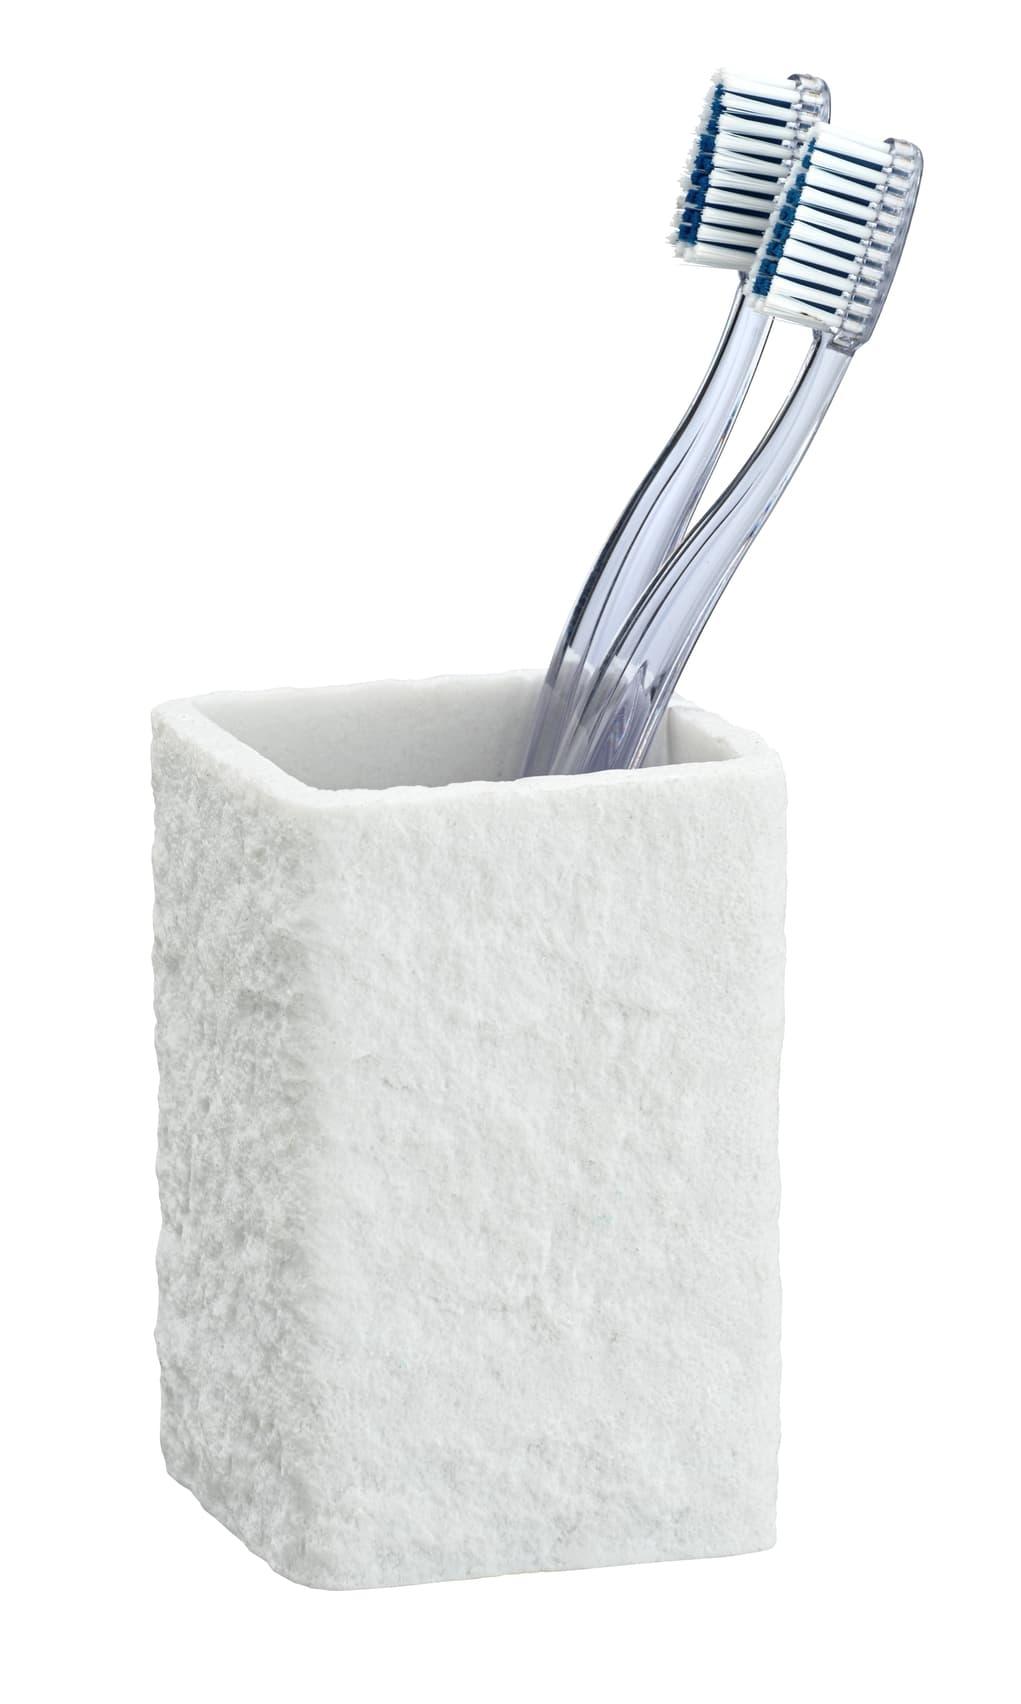 Pahar pentru periuta de dinti, din polirasina, Villata Alb, L7,5xl7,5xH11 cm imagine